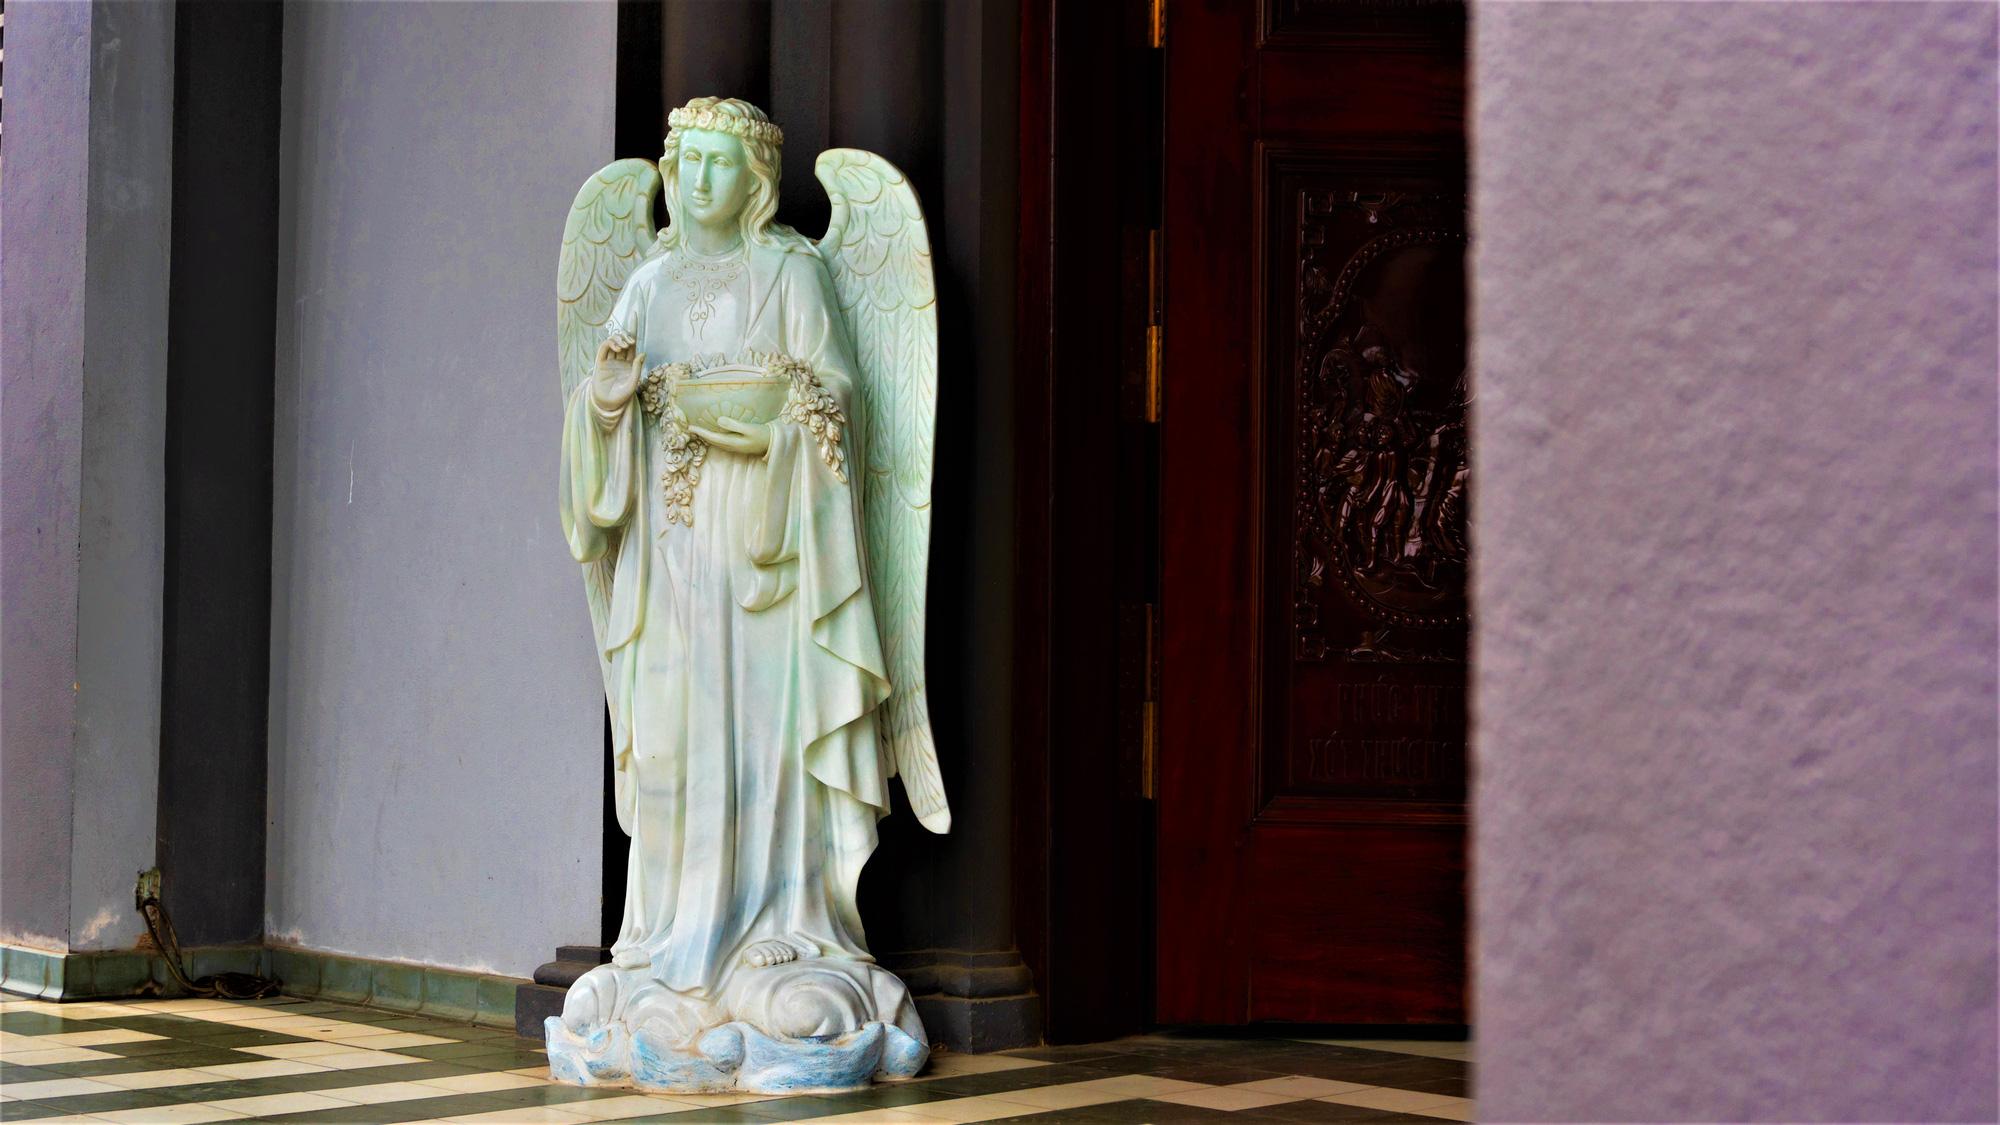 Về thăm nhà thờ Khoái Đồng, nơi thờ hiện thân của ông già Noel - Ảnh 7.